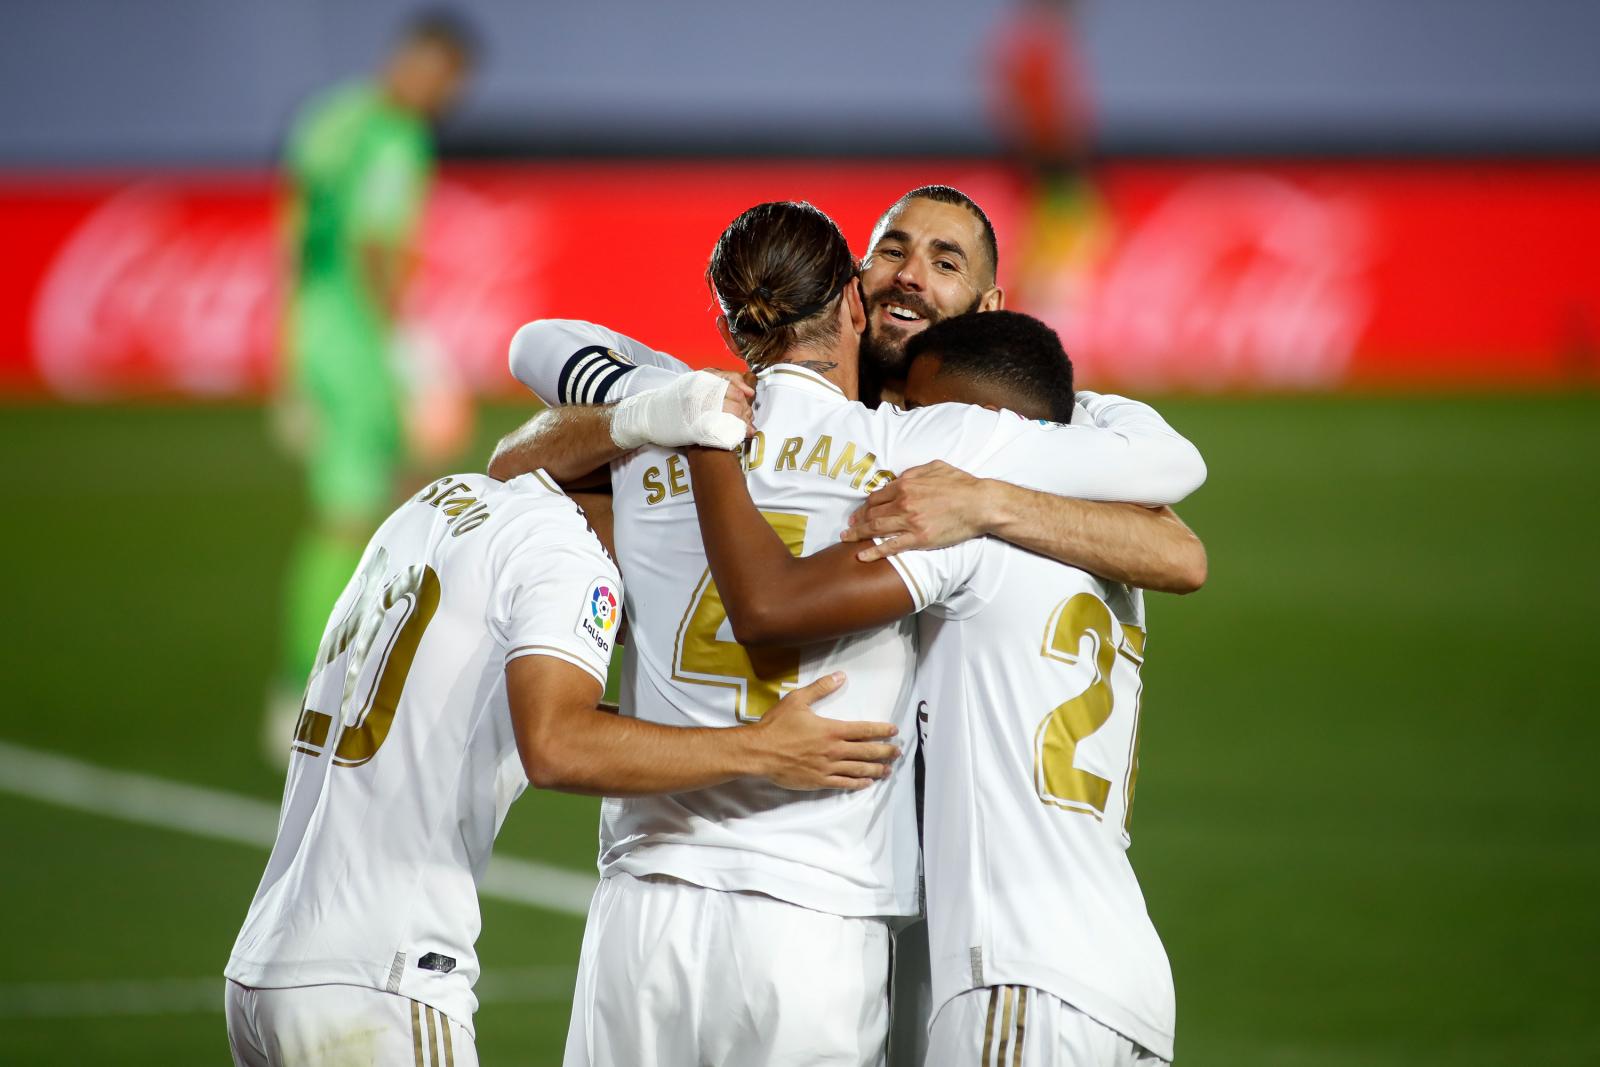 «Атлетик» Бильбао - «Реал» Мадрид: прогноз на матч чемпионата Испании